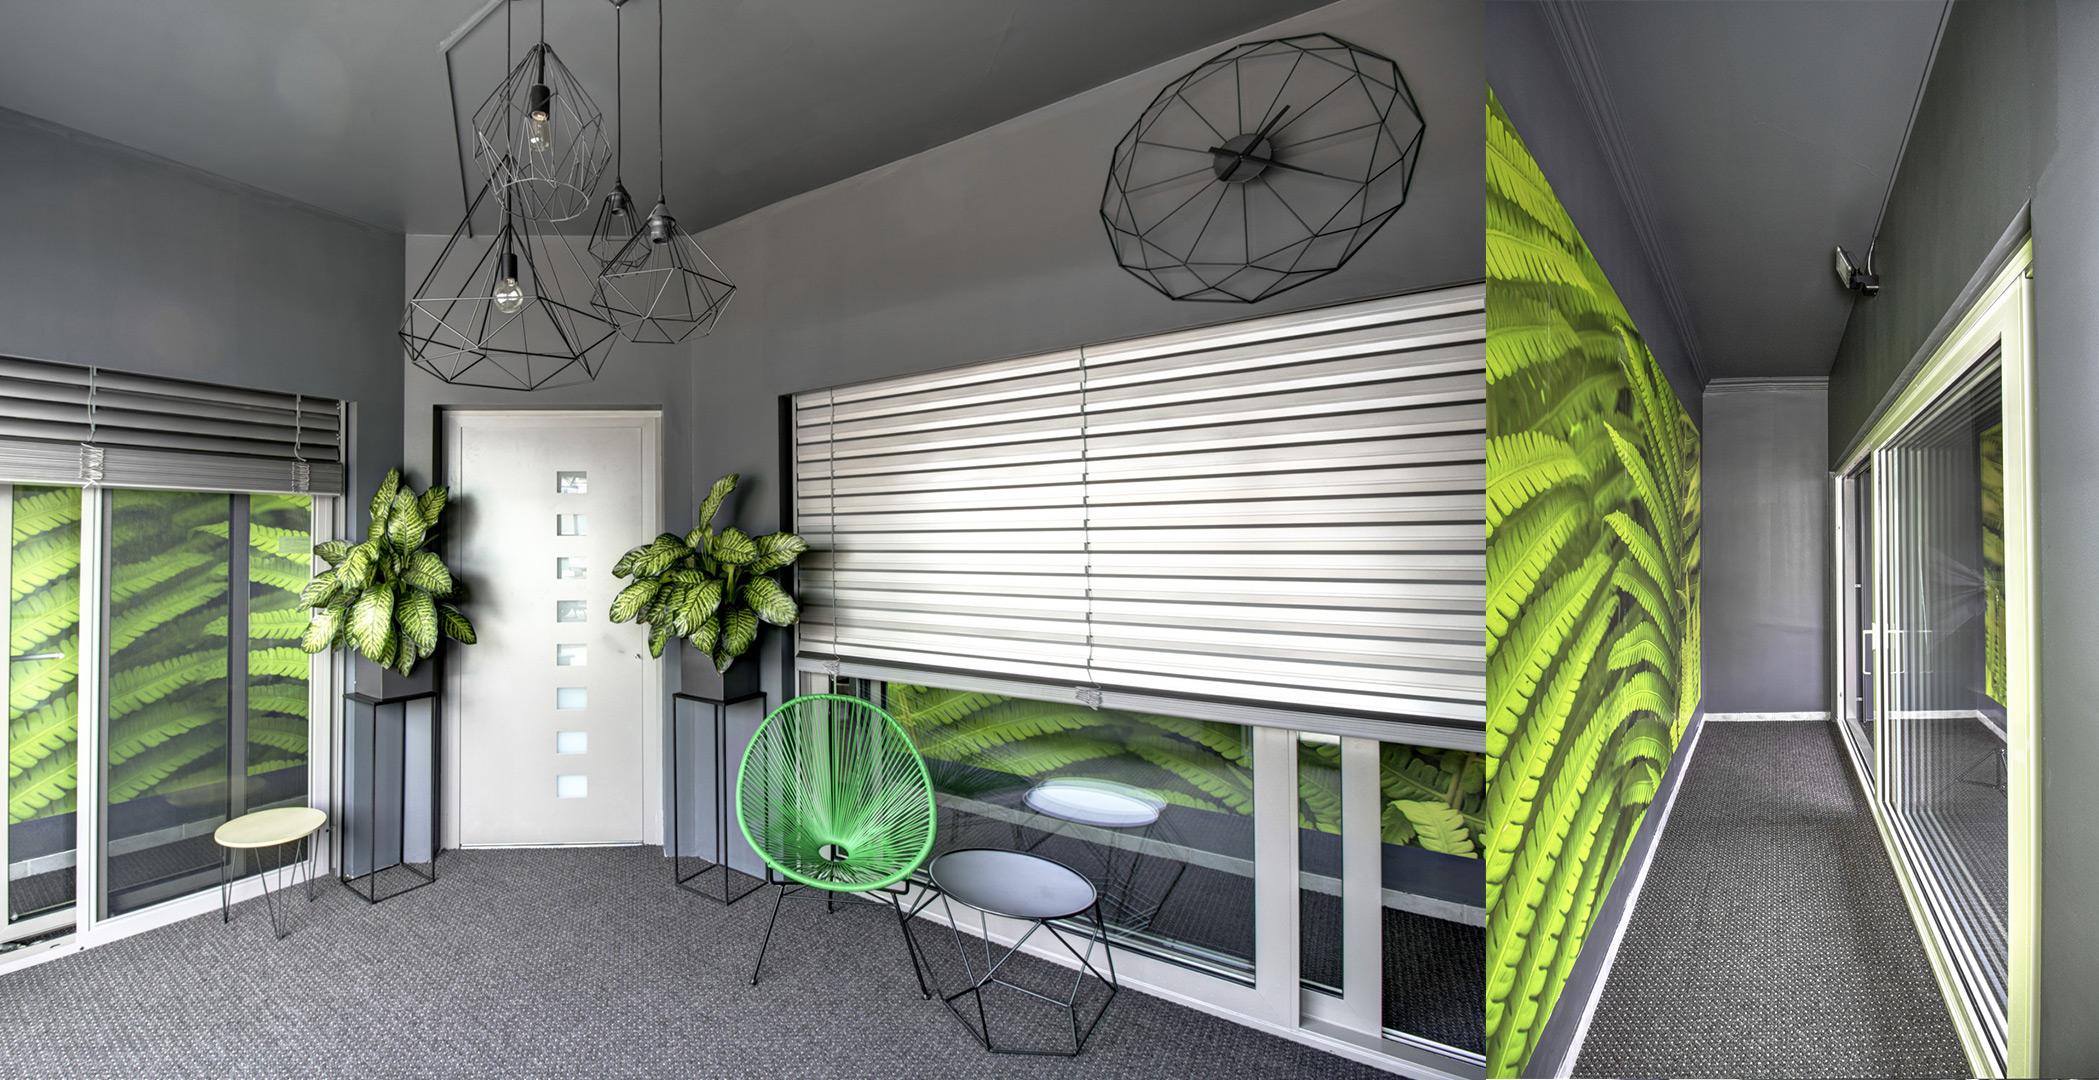 fenster ausmessen altbau fenster erneuern altbau with. Black Bedroom Furniture Sets. Home Design Ideas